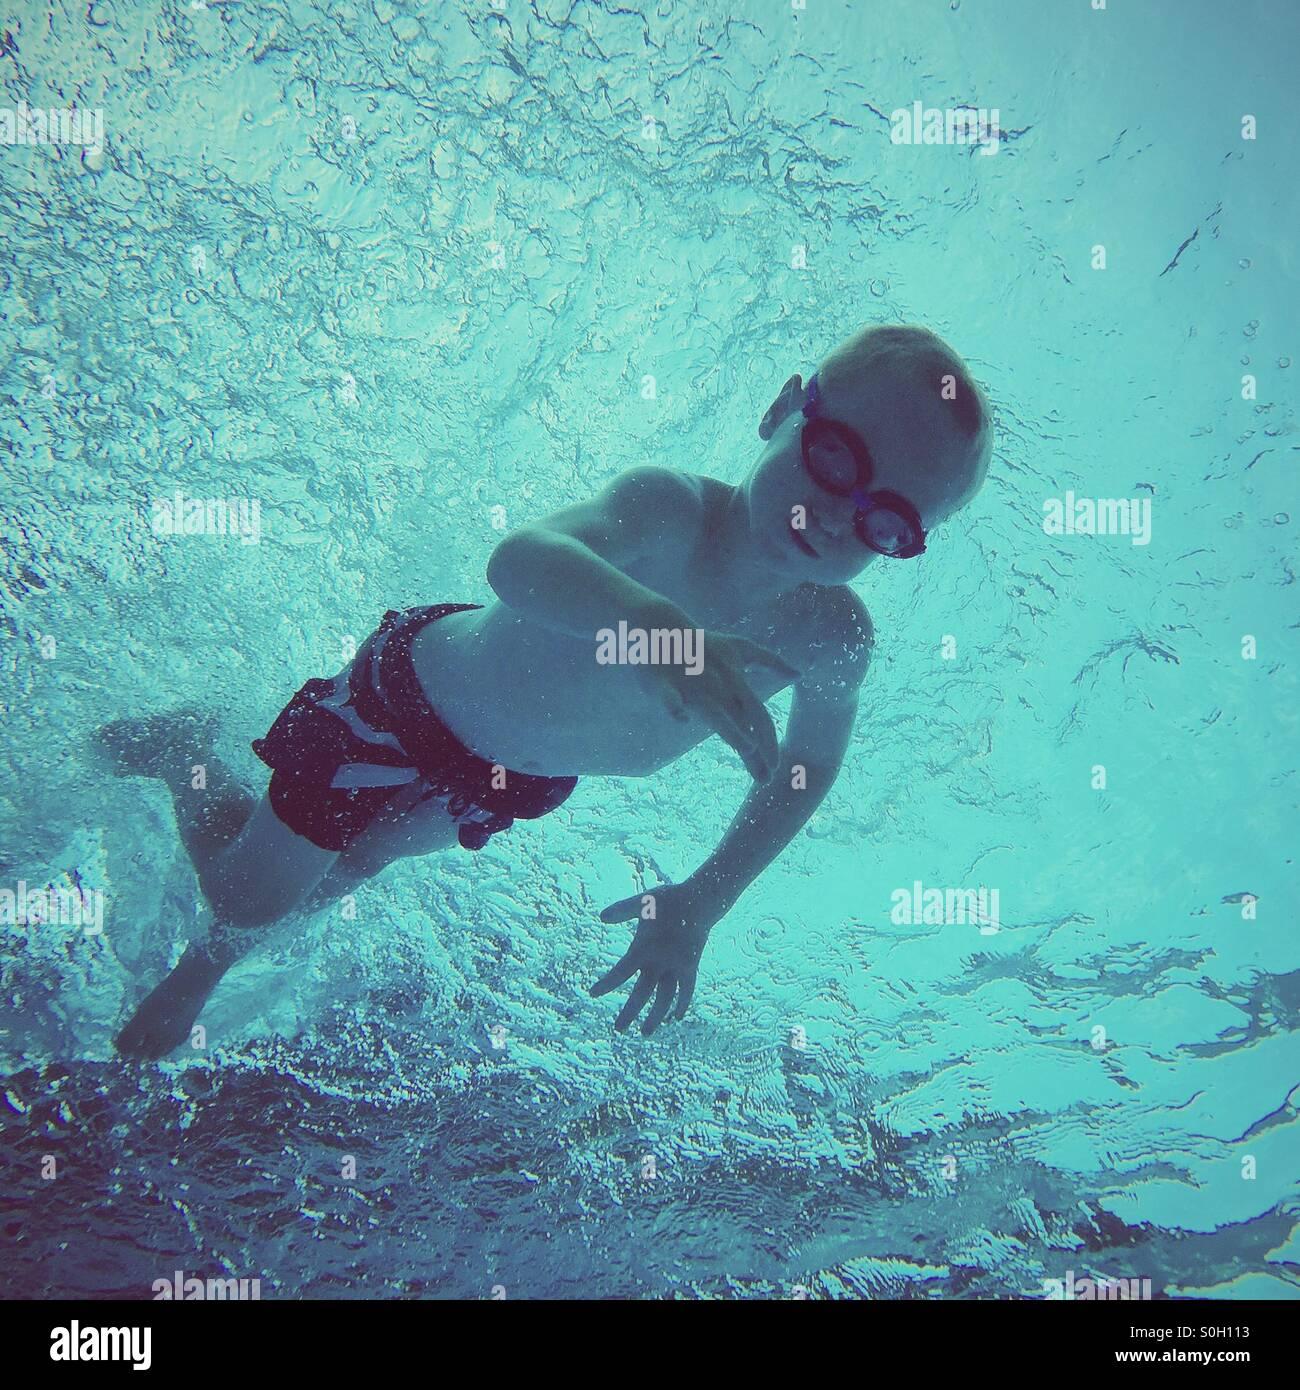 Riprese subacquee di un giovane ragazzo che nuotano verso la superficie dell'acqua, girato da sotto. Immagini Stock